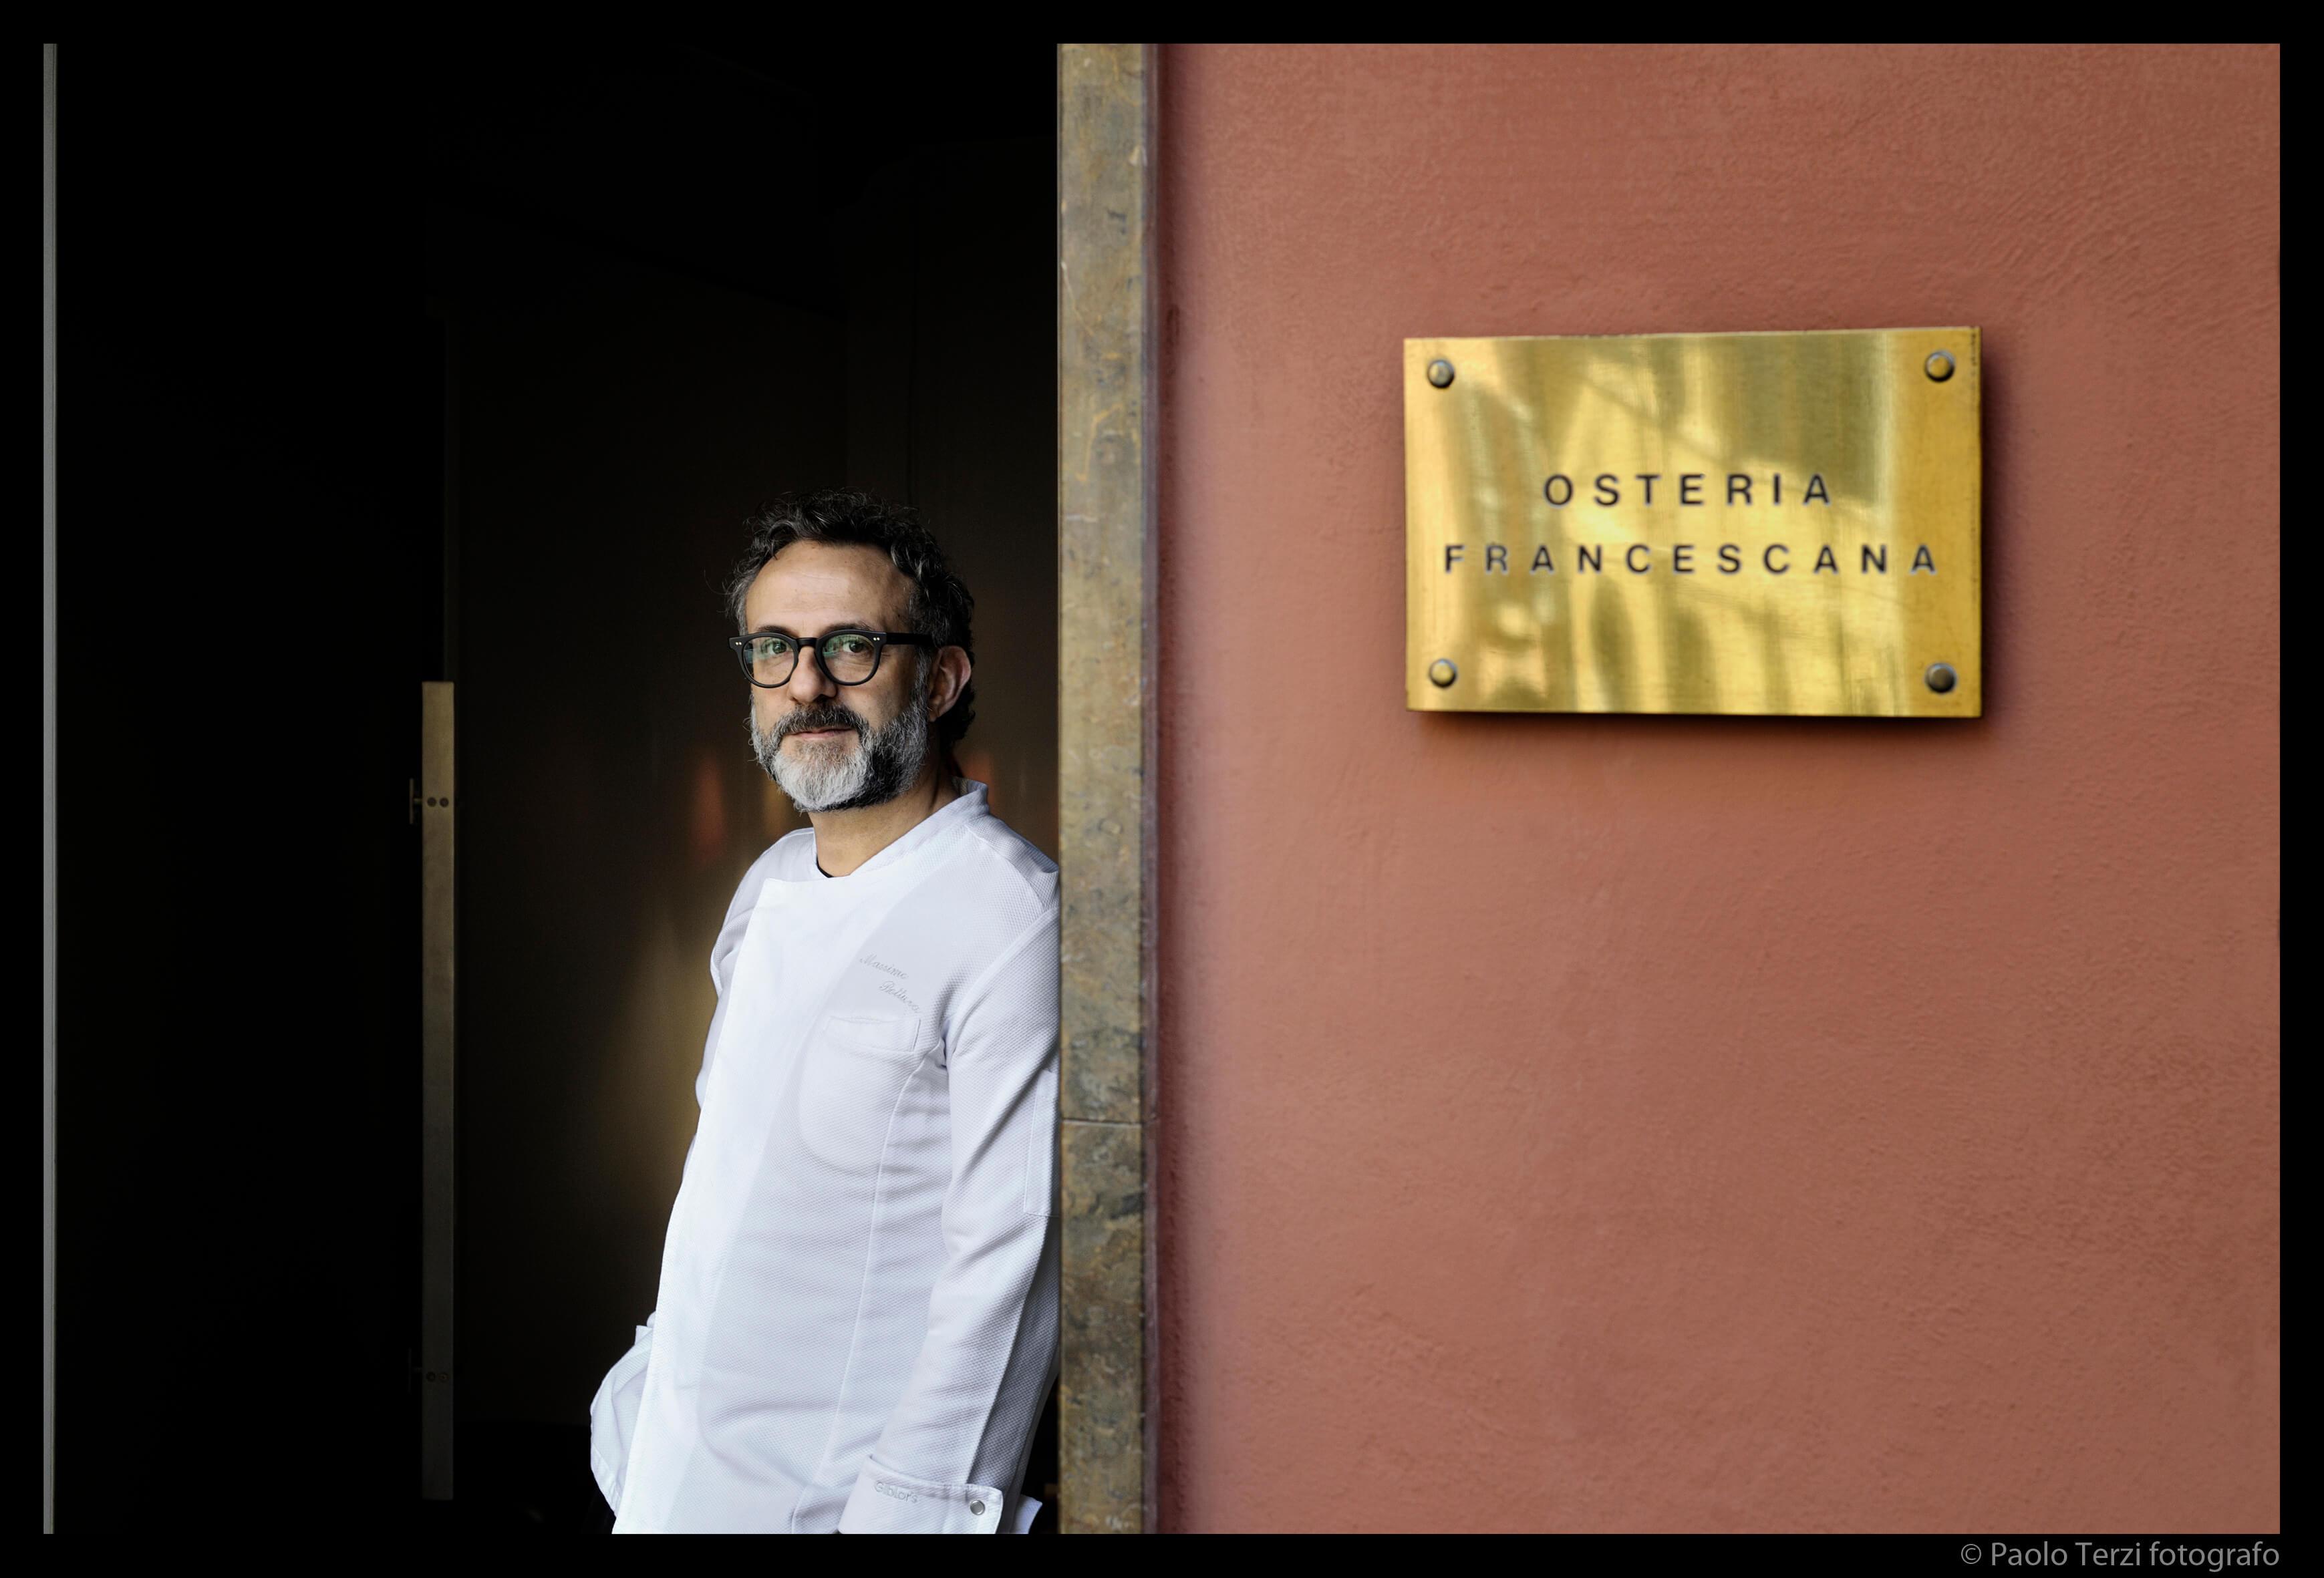 Gucci Osteriada Massimo Bottura